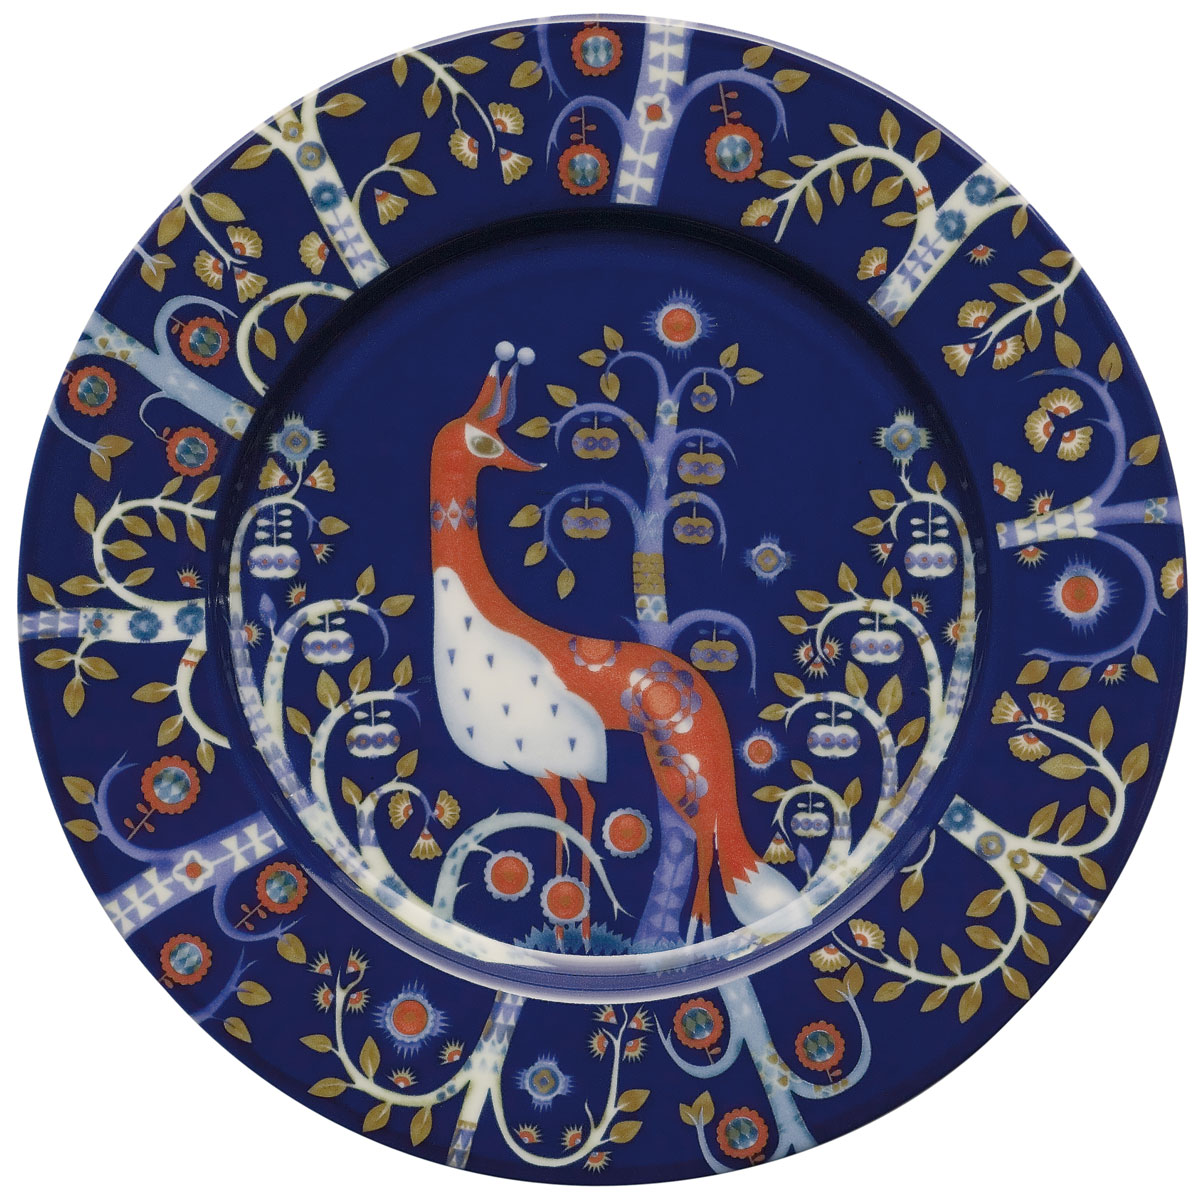 Тарелка Iittala Taika, цвет: синий, диаметр 22 см1012442Тарелка Iittala Taika выполнена из качественного жароустойчивого прочного фарфора с долговечным стекловидным эмалевым покрытием.Идеально подойдет для сервировки стола и станет отличным подарком к любому празднику.